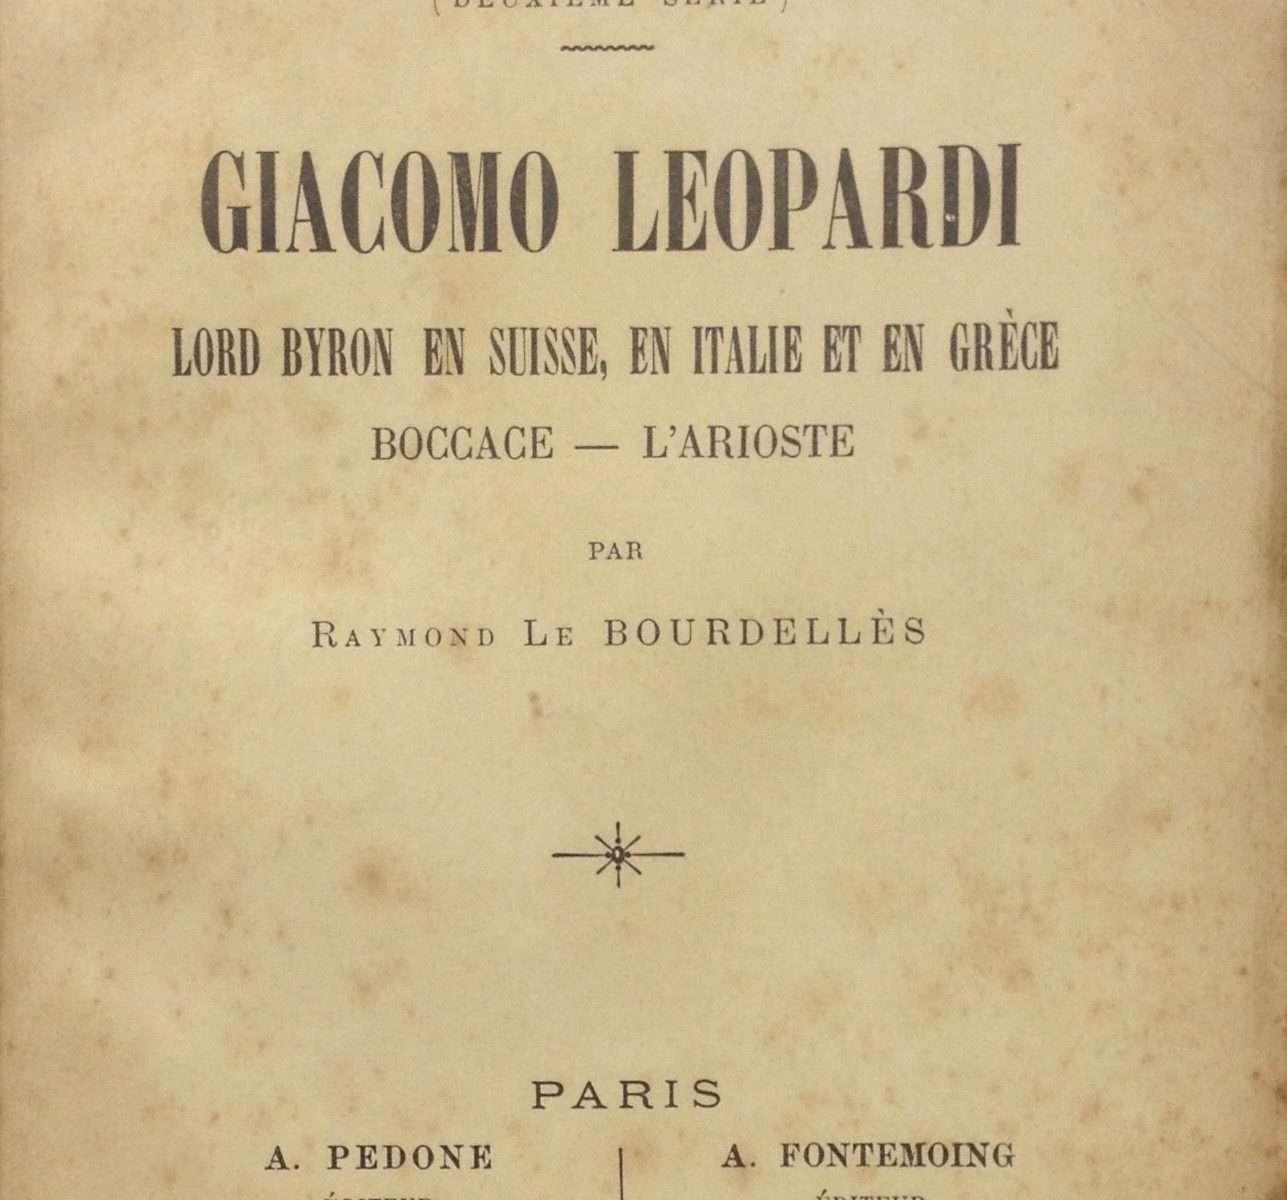 GIACOMO LEOPARDI - LORD BYRON EN SUISSE, EN ITALIE ET EN GRECE - BOCCACE, L'ARIOSTE <BR/>Raymond Le Bourdelles